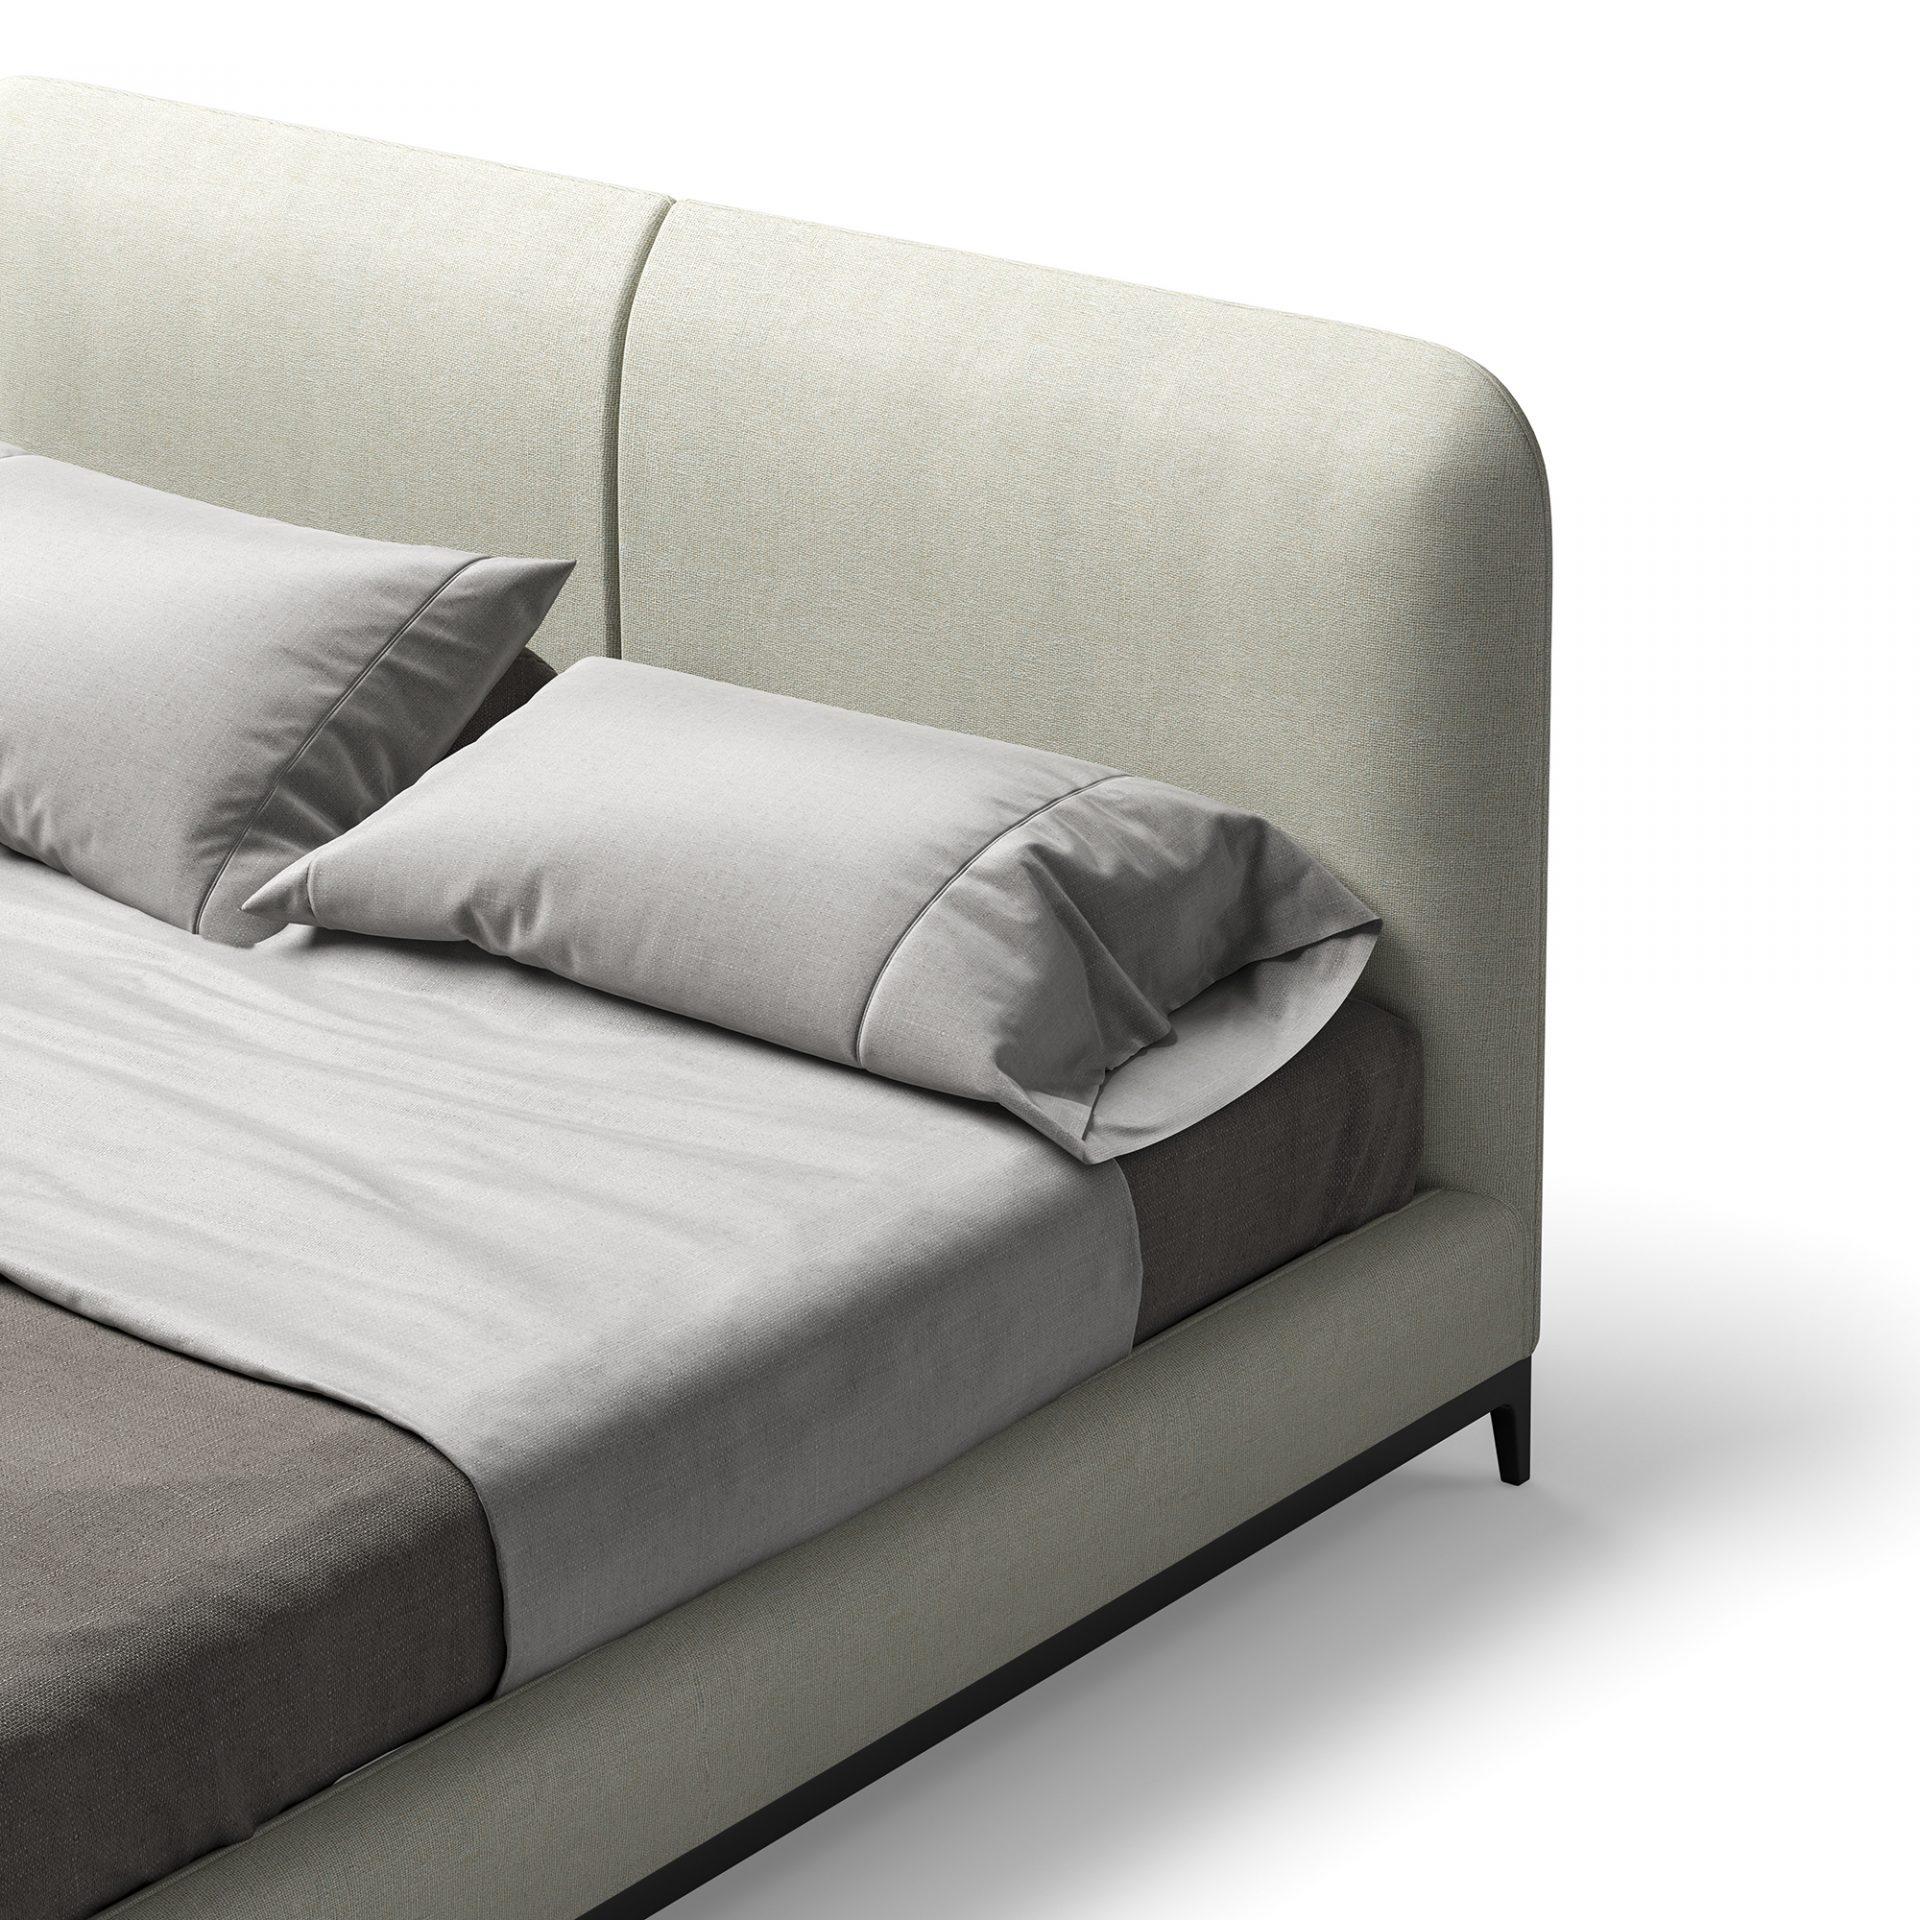 Portland Club Bed